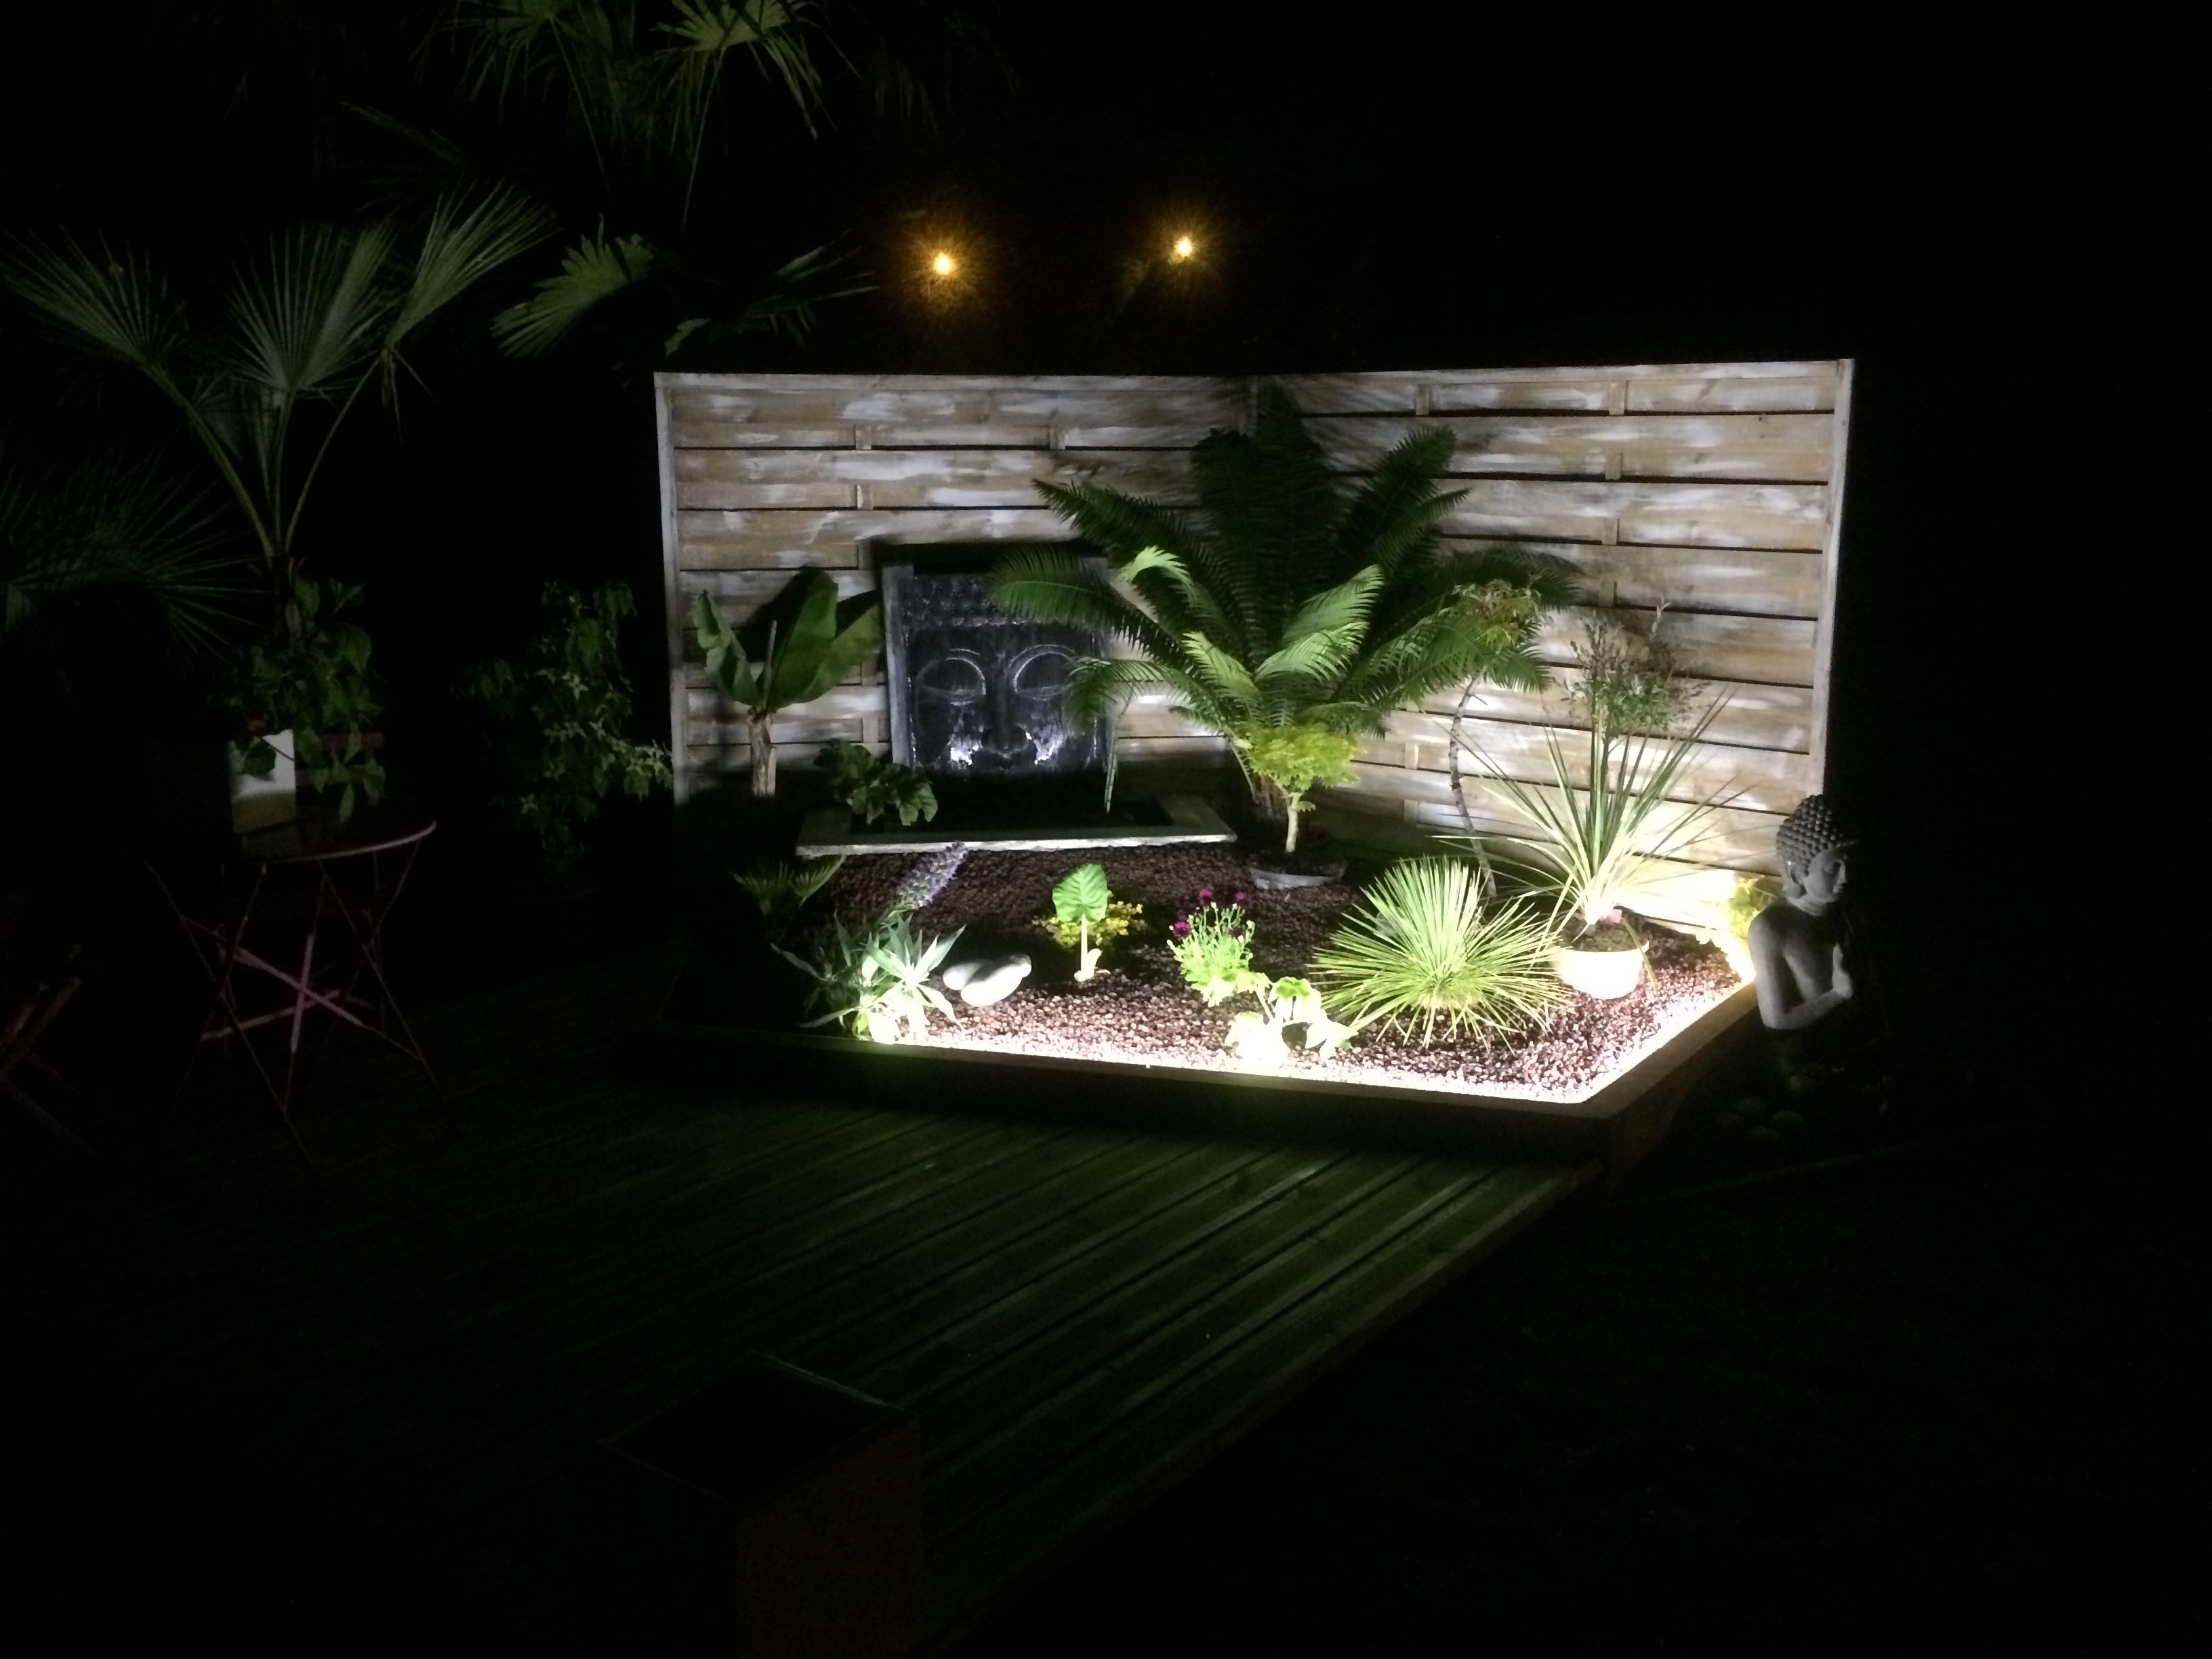 bordure jardin luminaire extérieur métal métallique volige extérieur